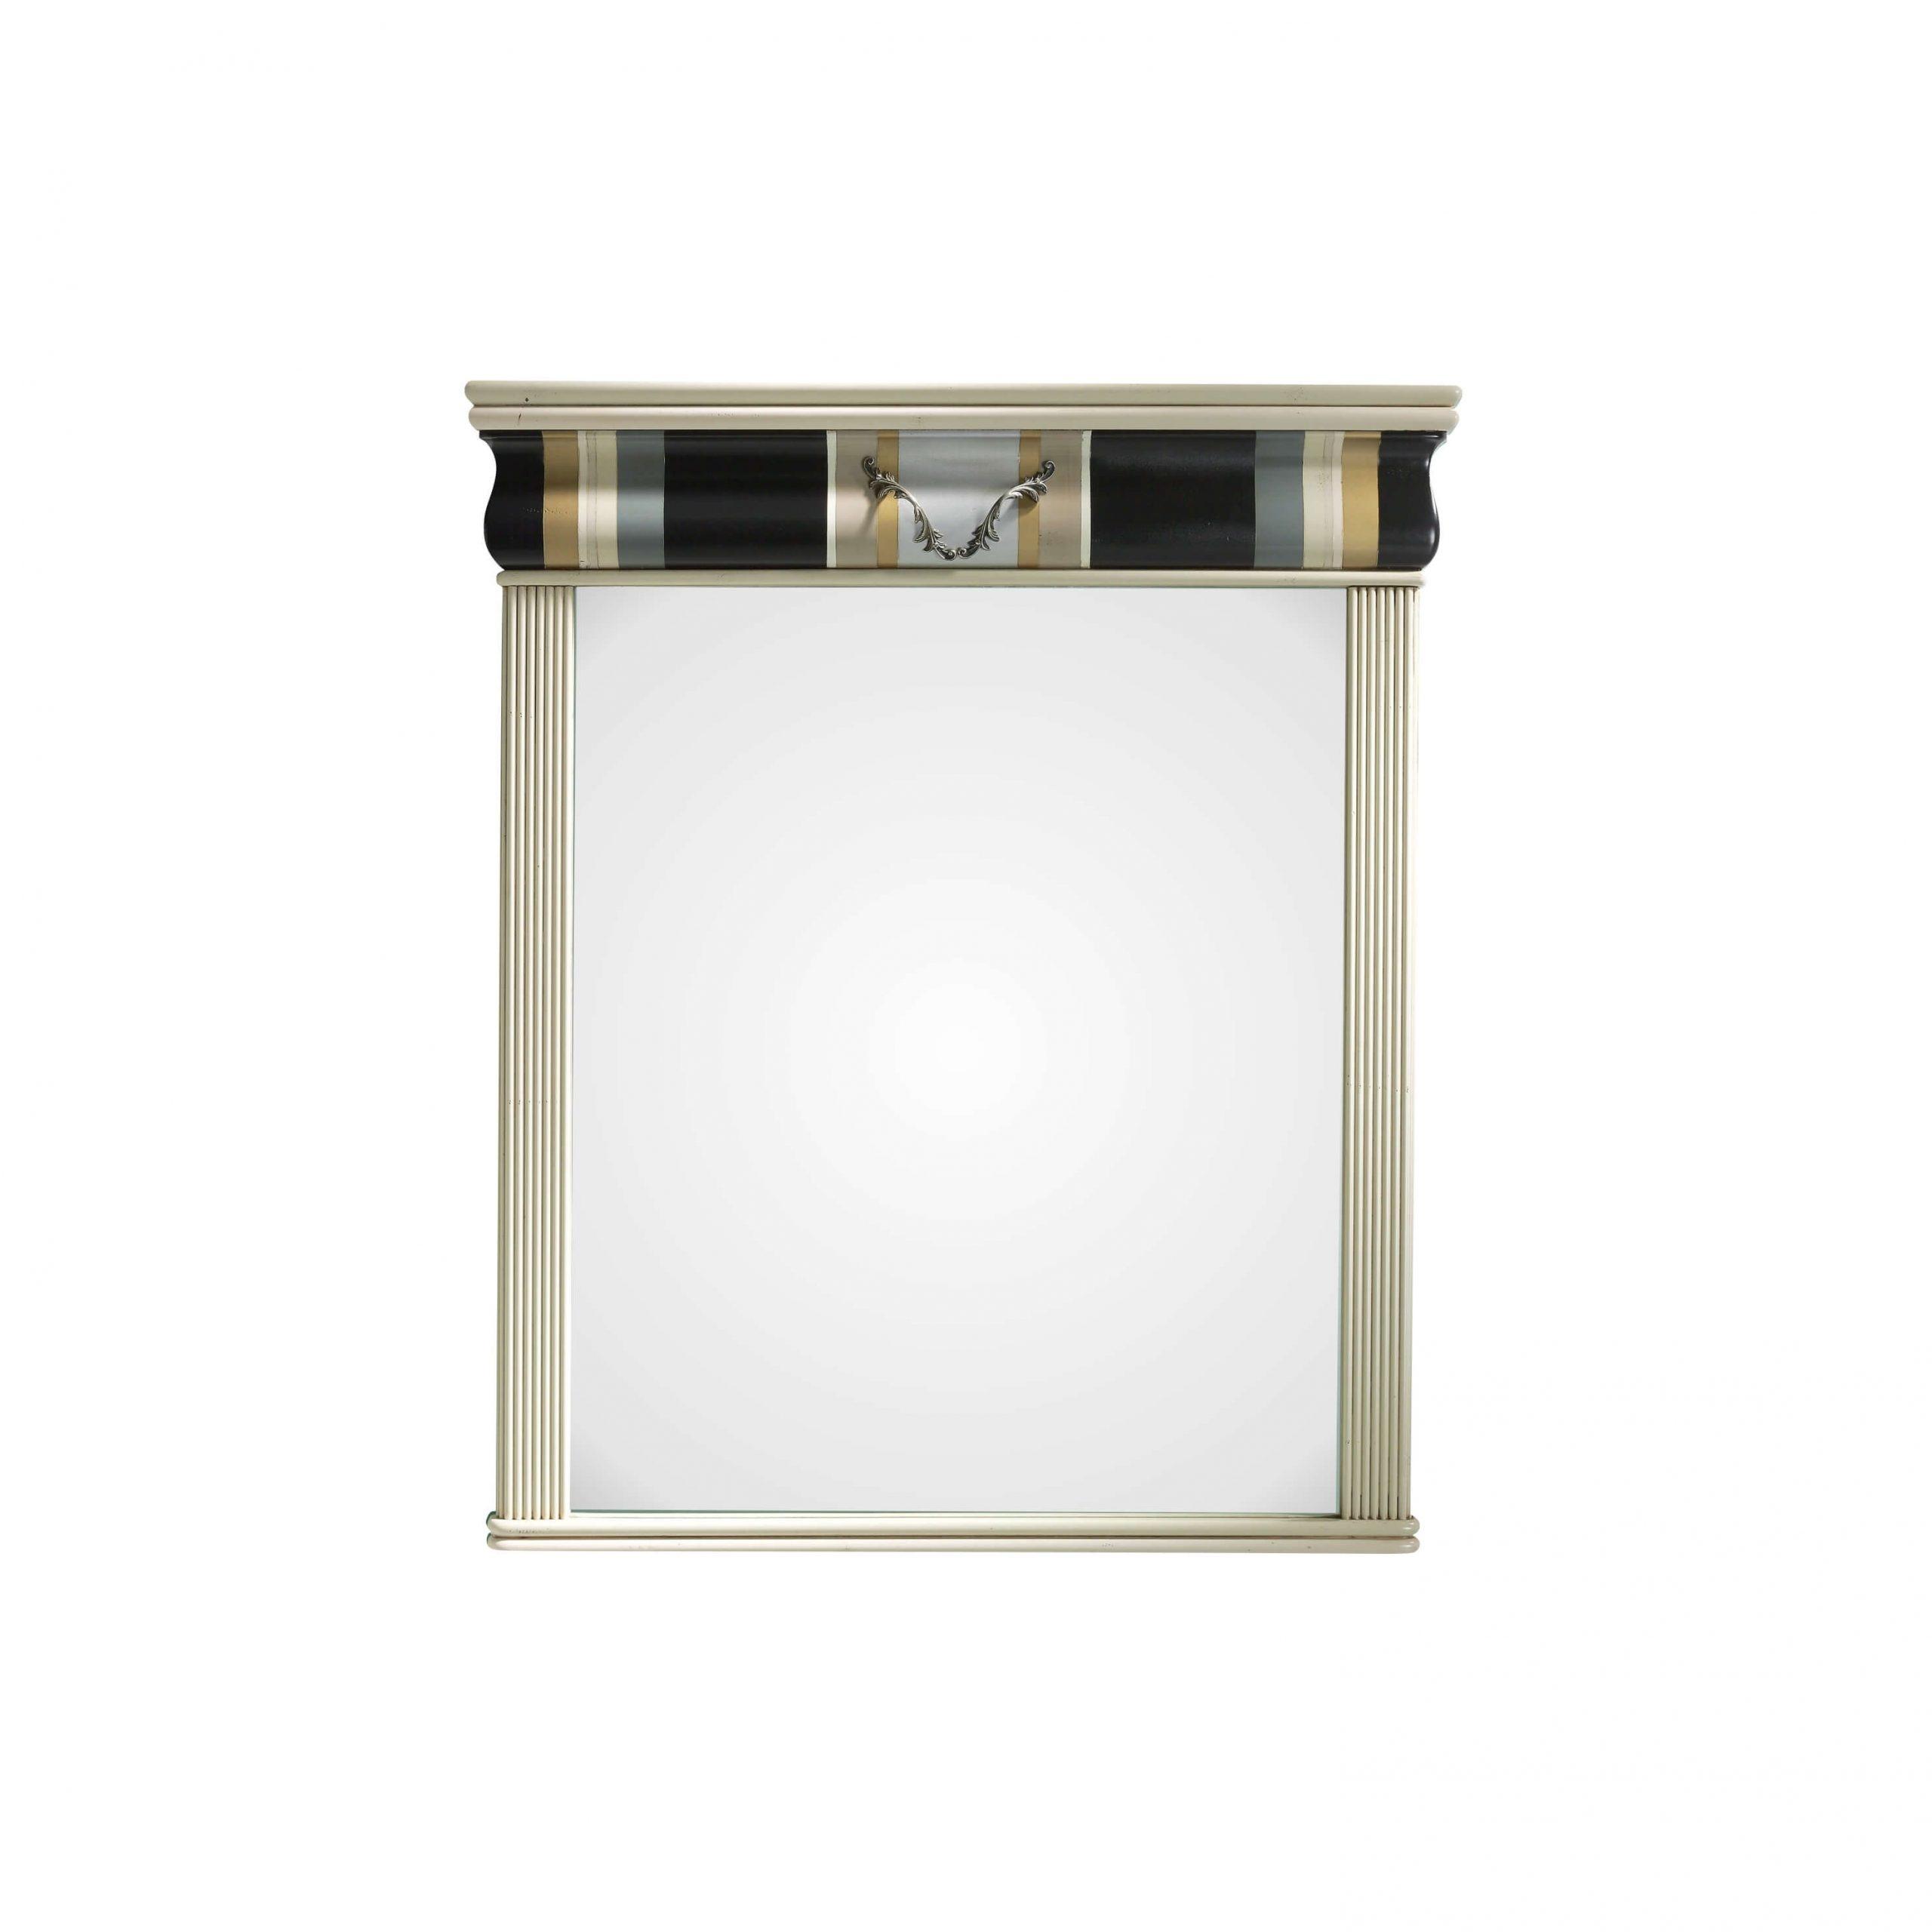 espejo comoda detalle acabado en perla, plata, cafe, oro, gris dorado y negro